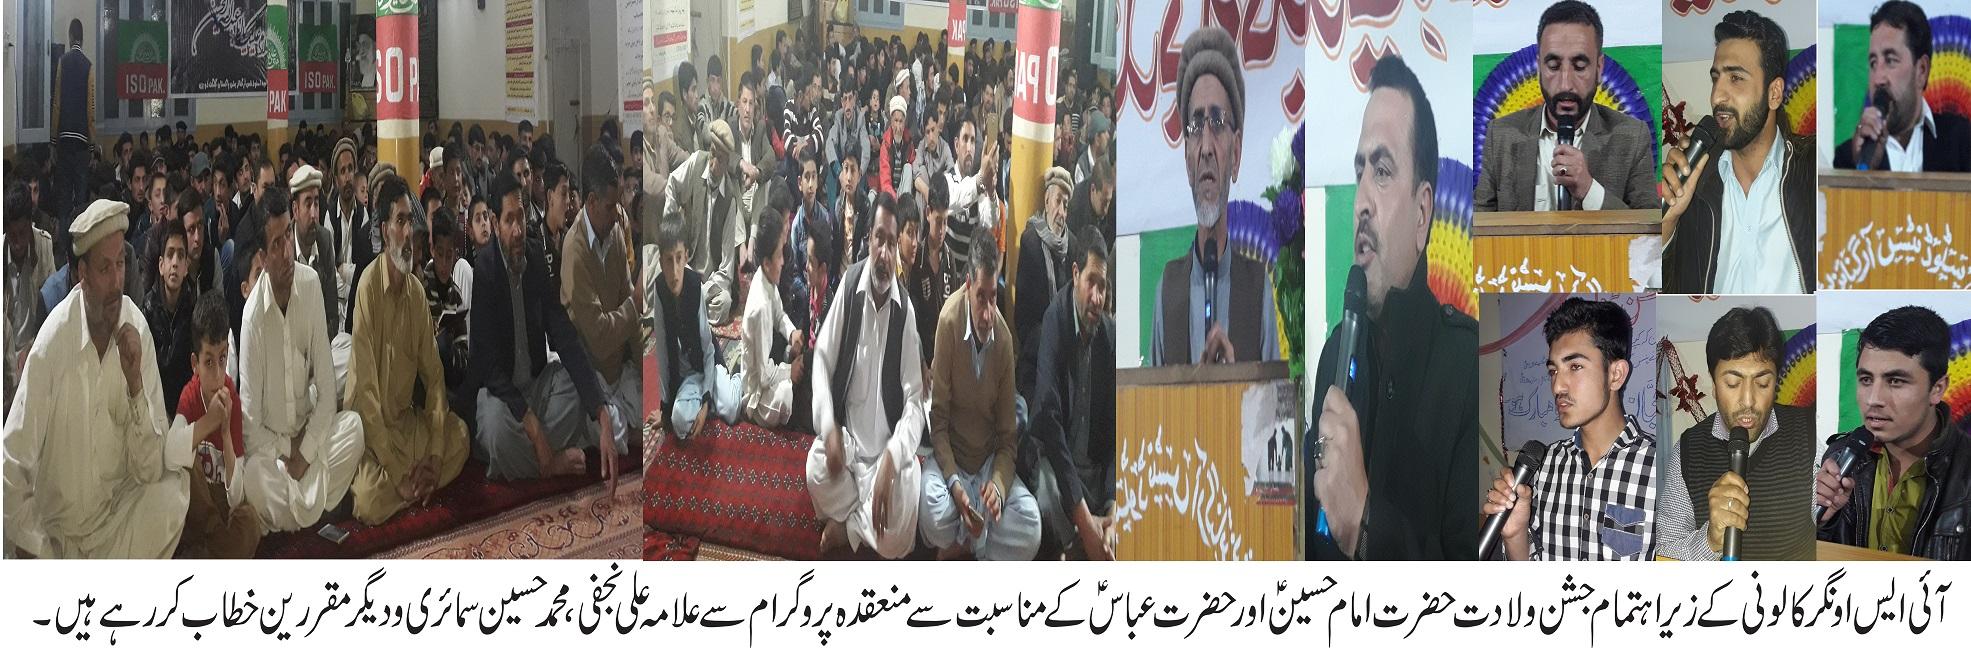 حضرت امام حسین اور حضرت عباس کی جشن ولادت کےسلسلے میں نگر کالونی گلگت میں تقریب منعقد